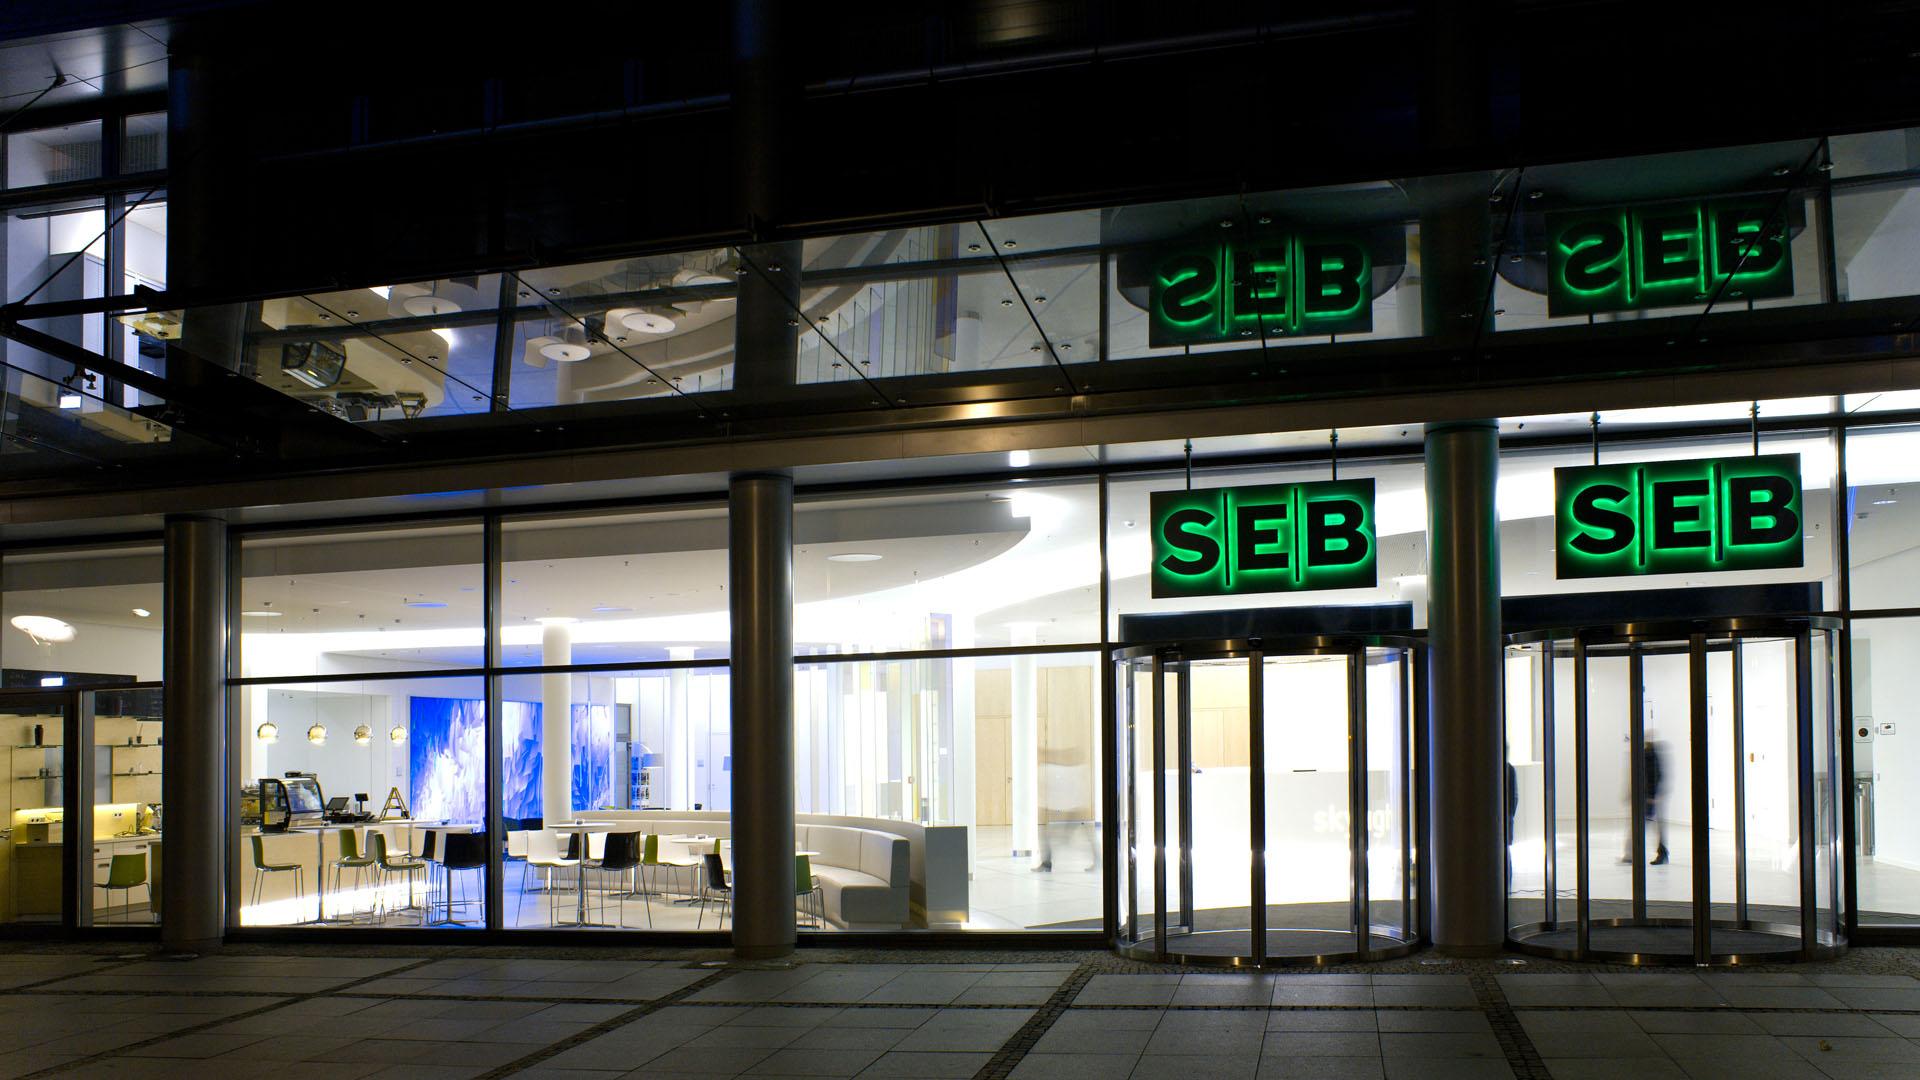 MAASS-Lichtplanung_Lichtplanung im Foyer der SEB Zentrale__MAASS-Skylight-Foyer-007